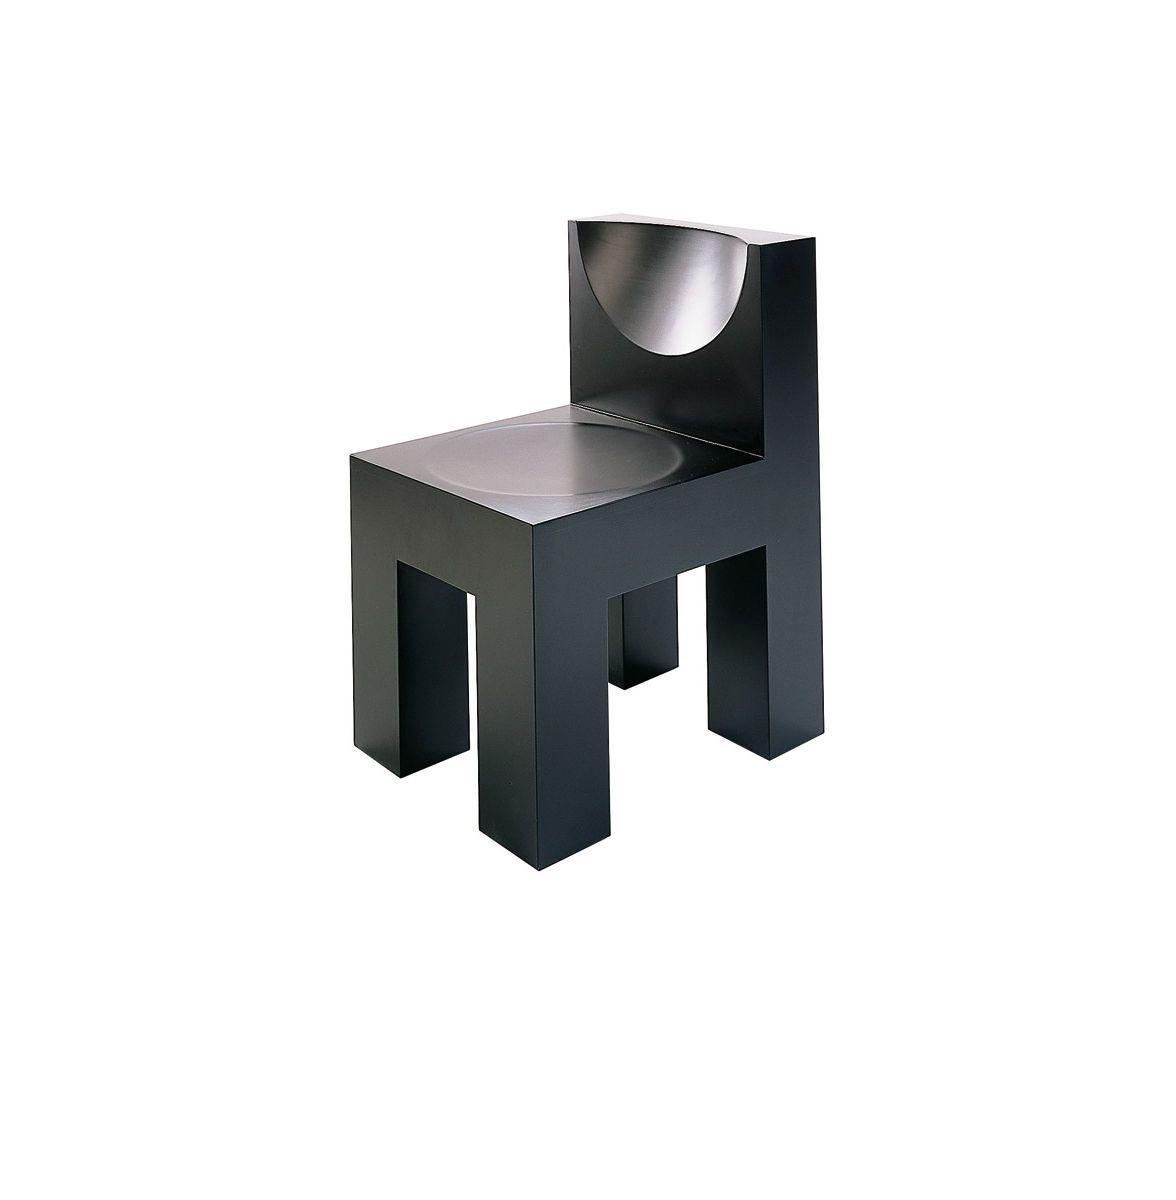 Silla moderna de escayola de madera negra x1 by for Diseno de sillas modernas de madera